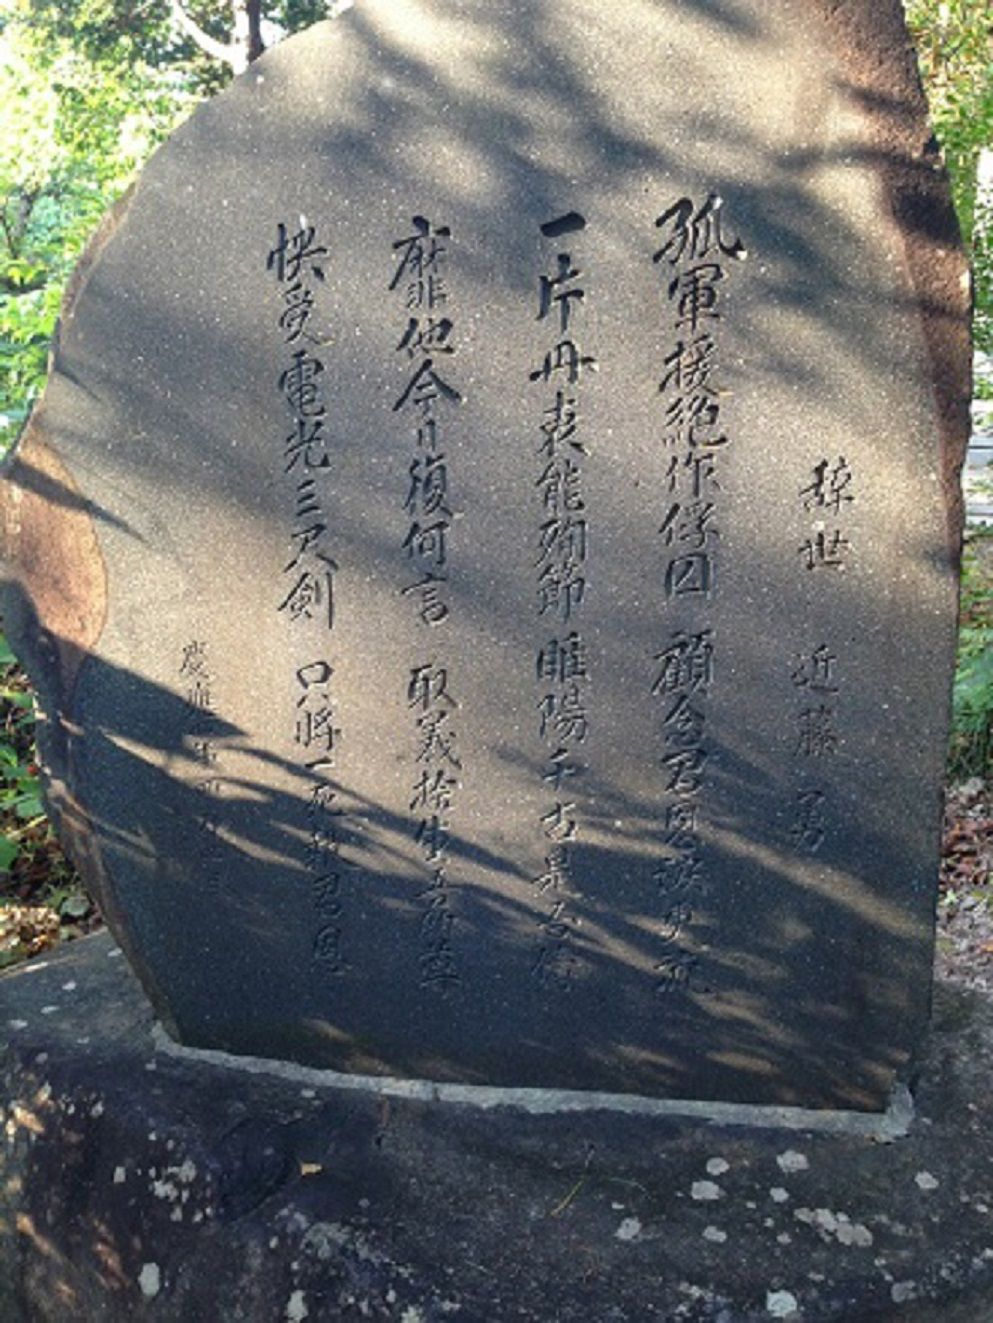 近藤勇の最後に詠んだ歌とは。